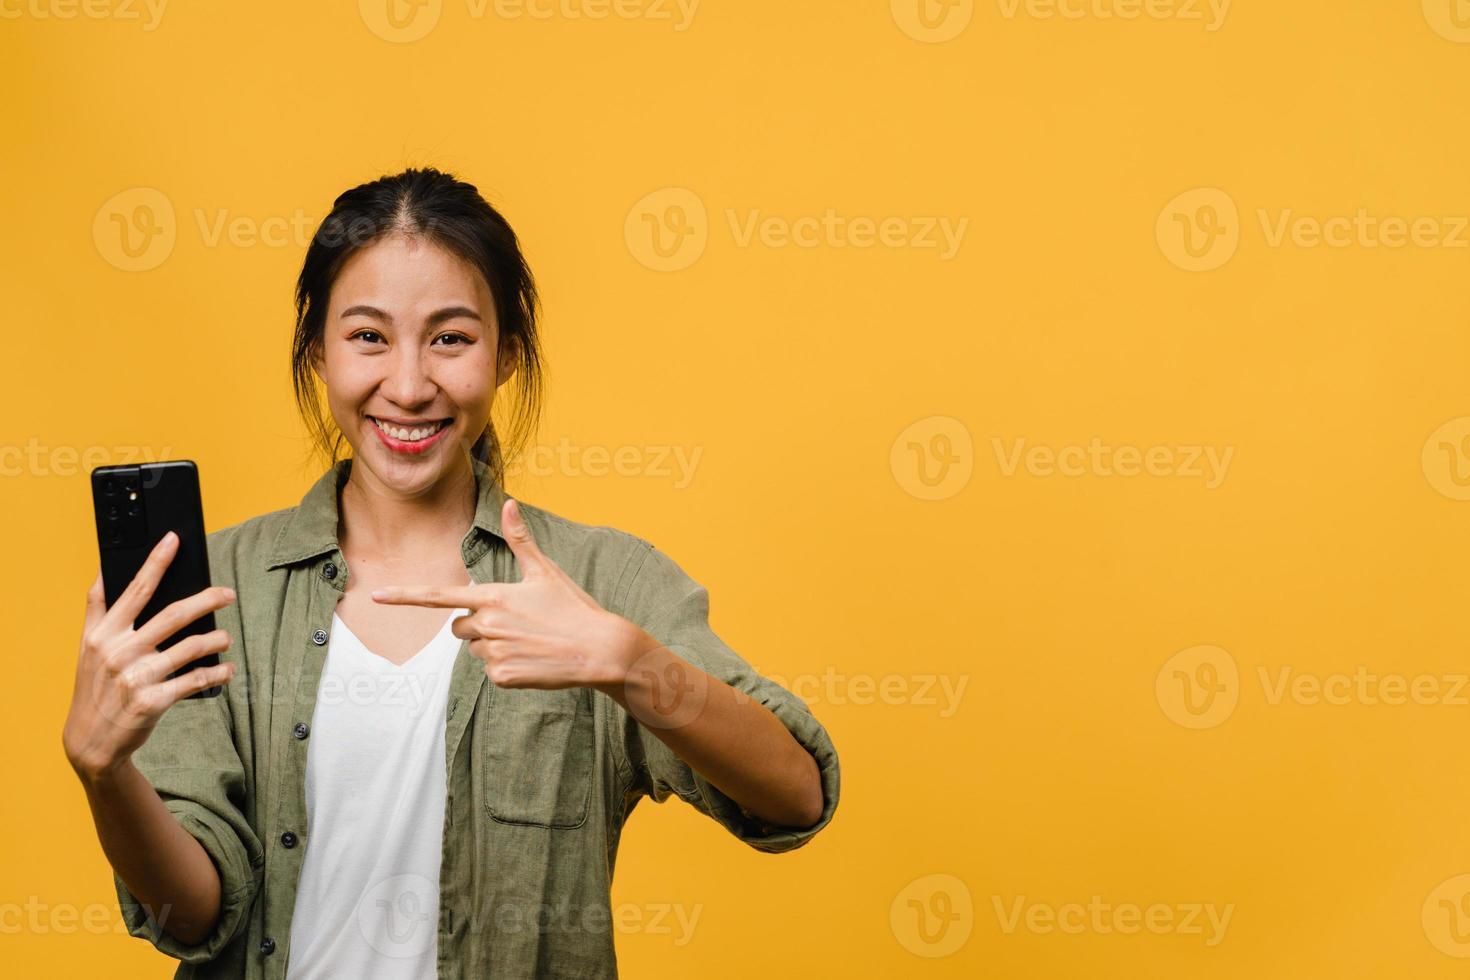 joven asiática que usa el teléfono móvil con expresión alegre, muestra algo sorprendente en el espacio en blanco en un paño casual y mirando a la cámara aislada sobre fondo amarillo. concepto de expresión facial. foto